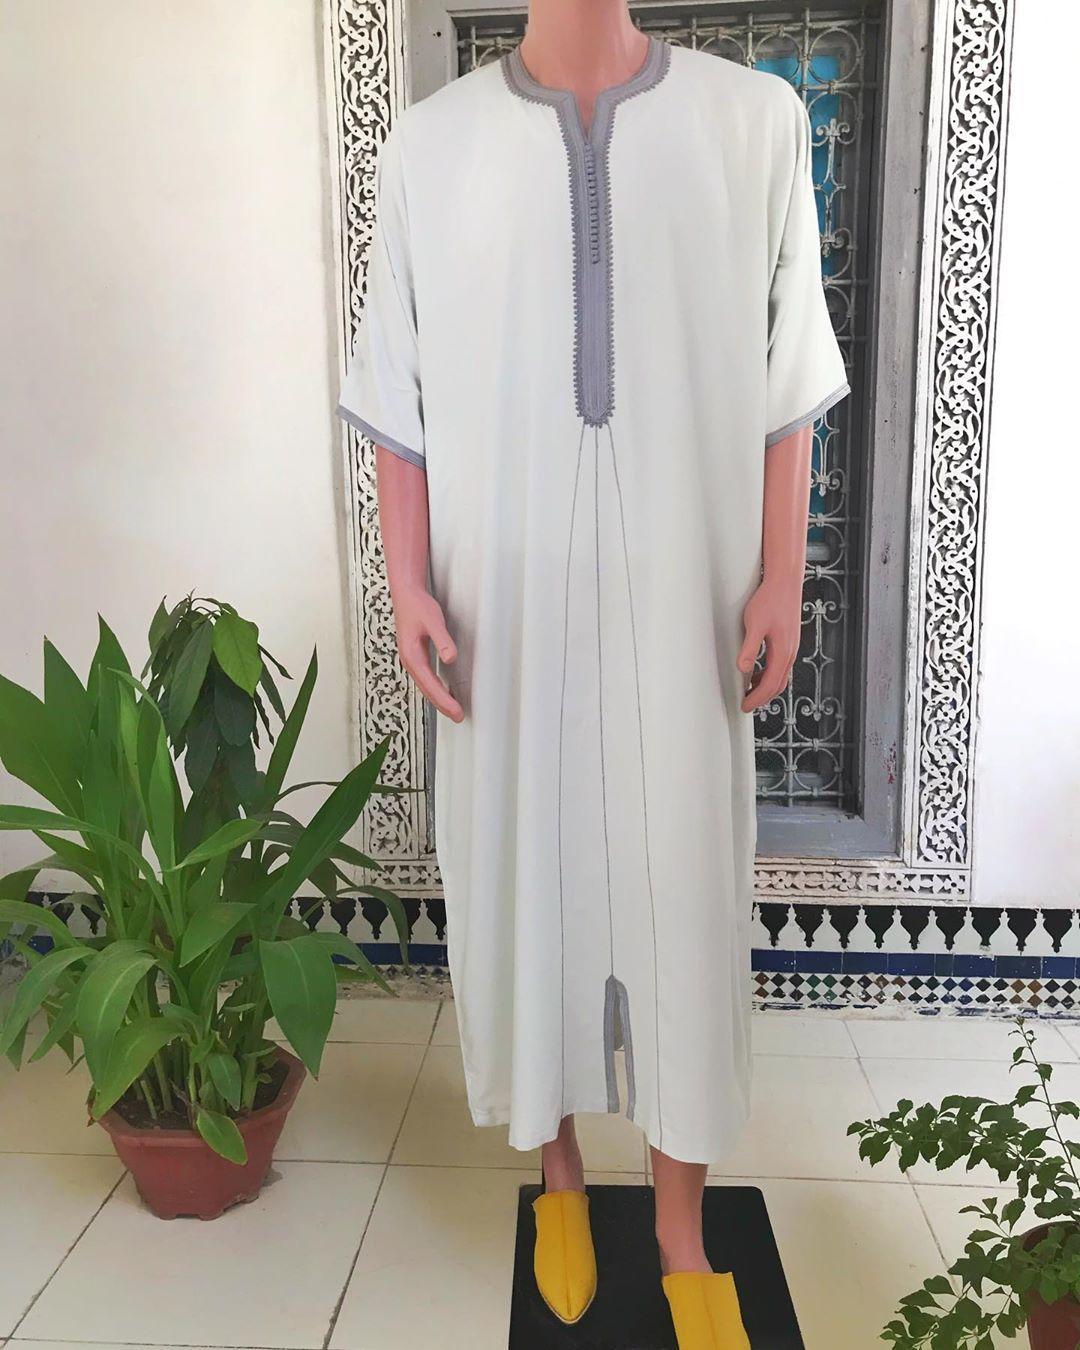 قندورة بثوب ممتاز الفخامة والاناقة لها معنى عند Maalem باثمنة معقولة والجودة يسلام تابعو الجديد كل يوم التوصيل لجميع المد In 2020 Coat Fashion Duster Coat